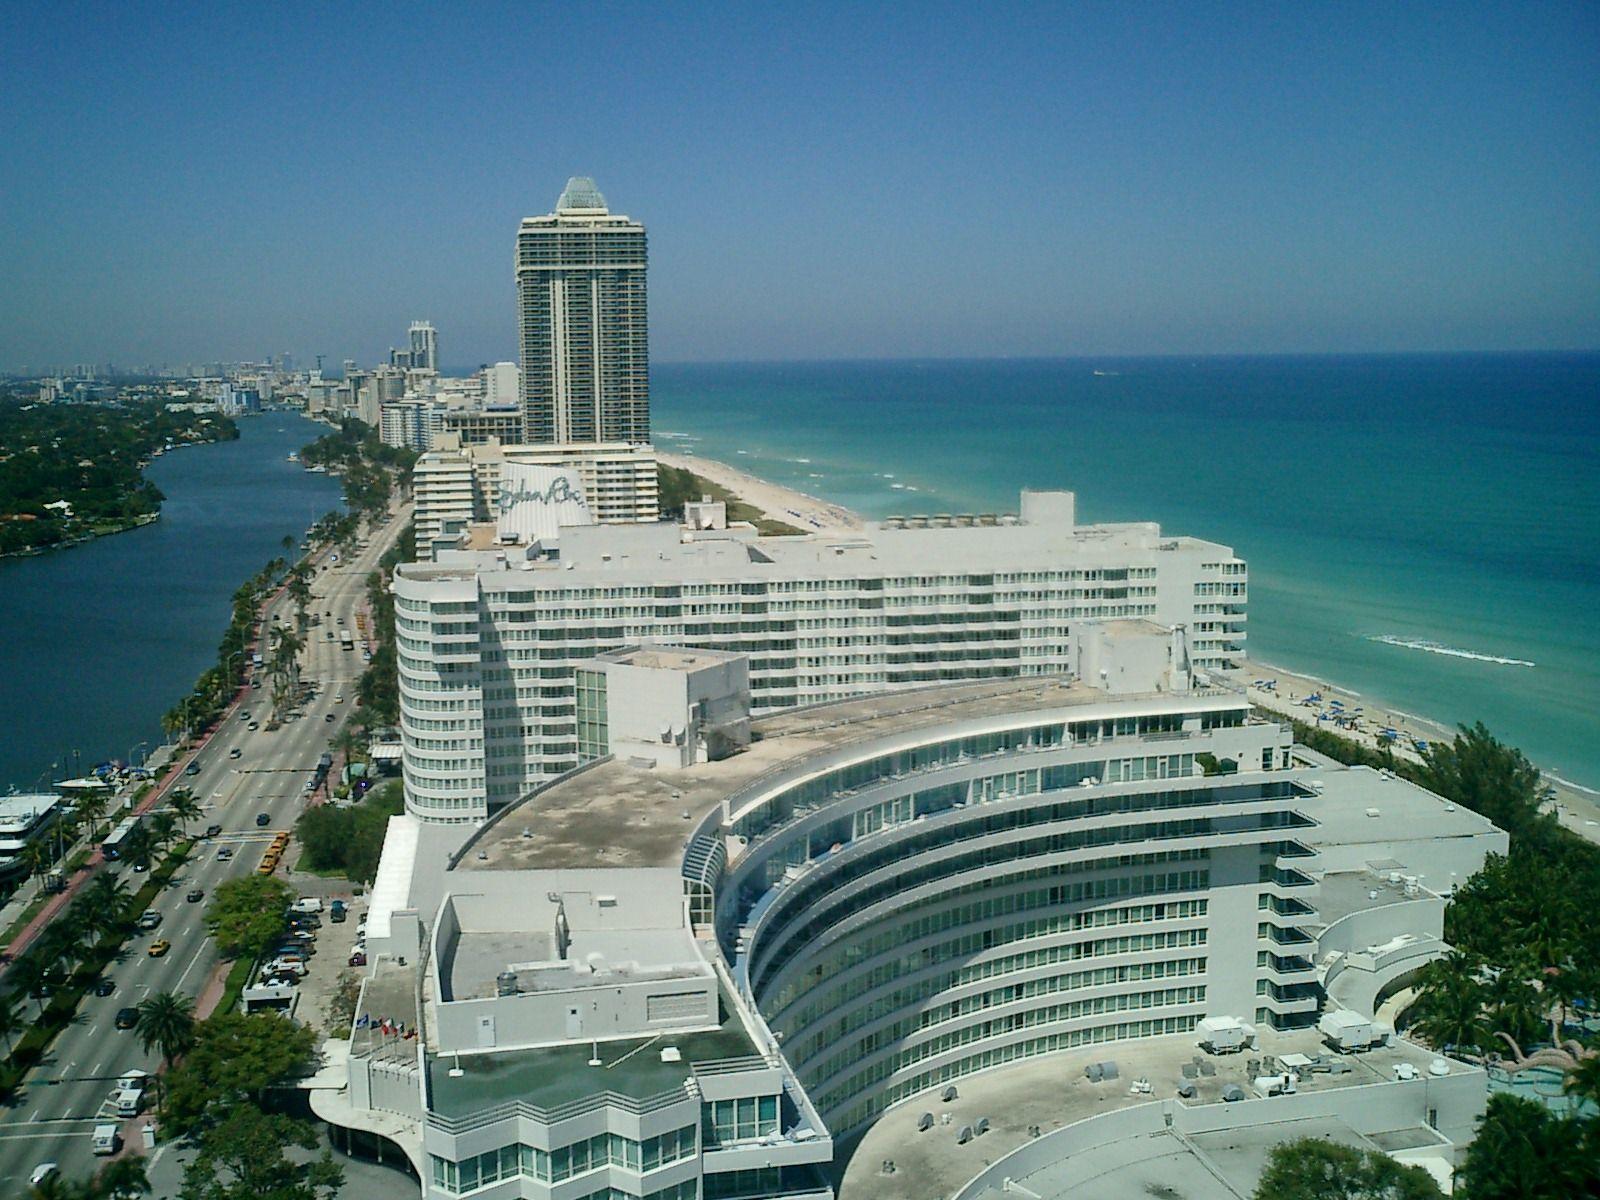 46bb0a3ef581e5c0cb8f9f252302a157 - How Far Is Miami Beach From Miami Gardens